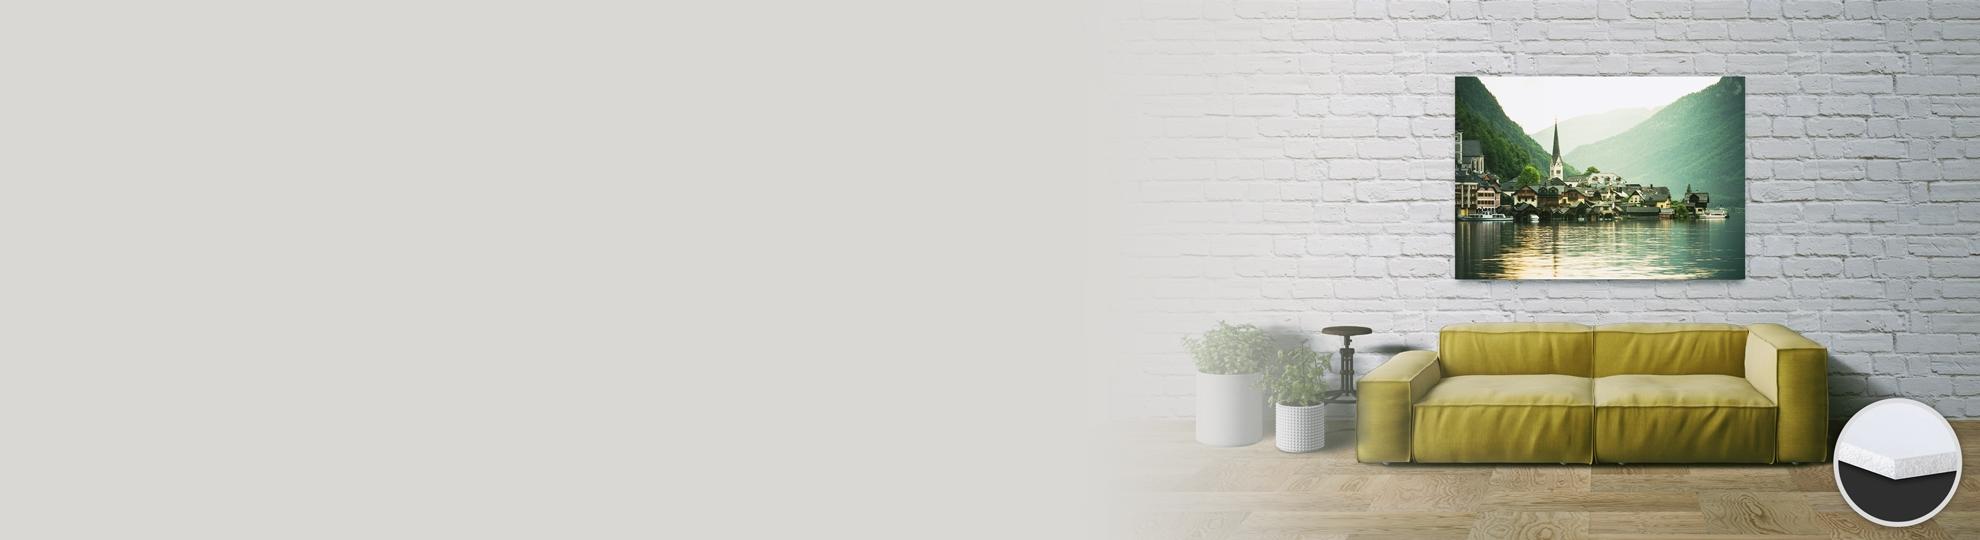 Imprimer tableau PVC forex